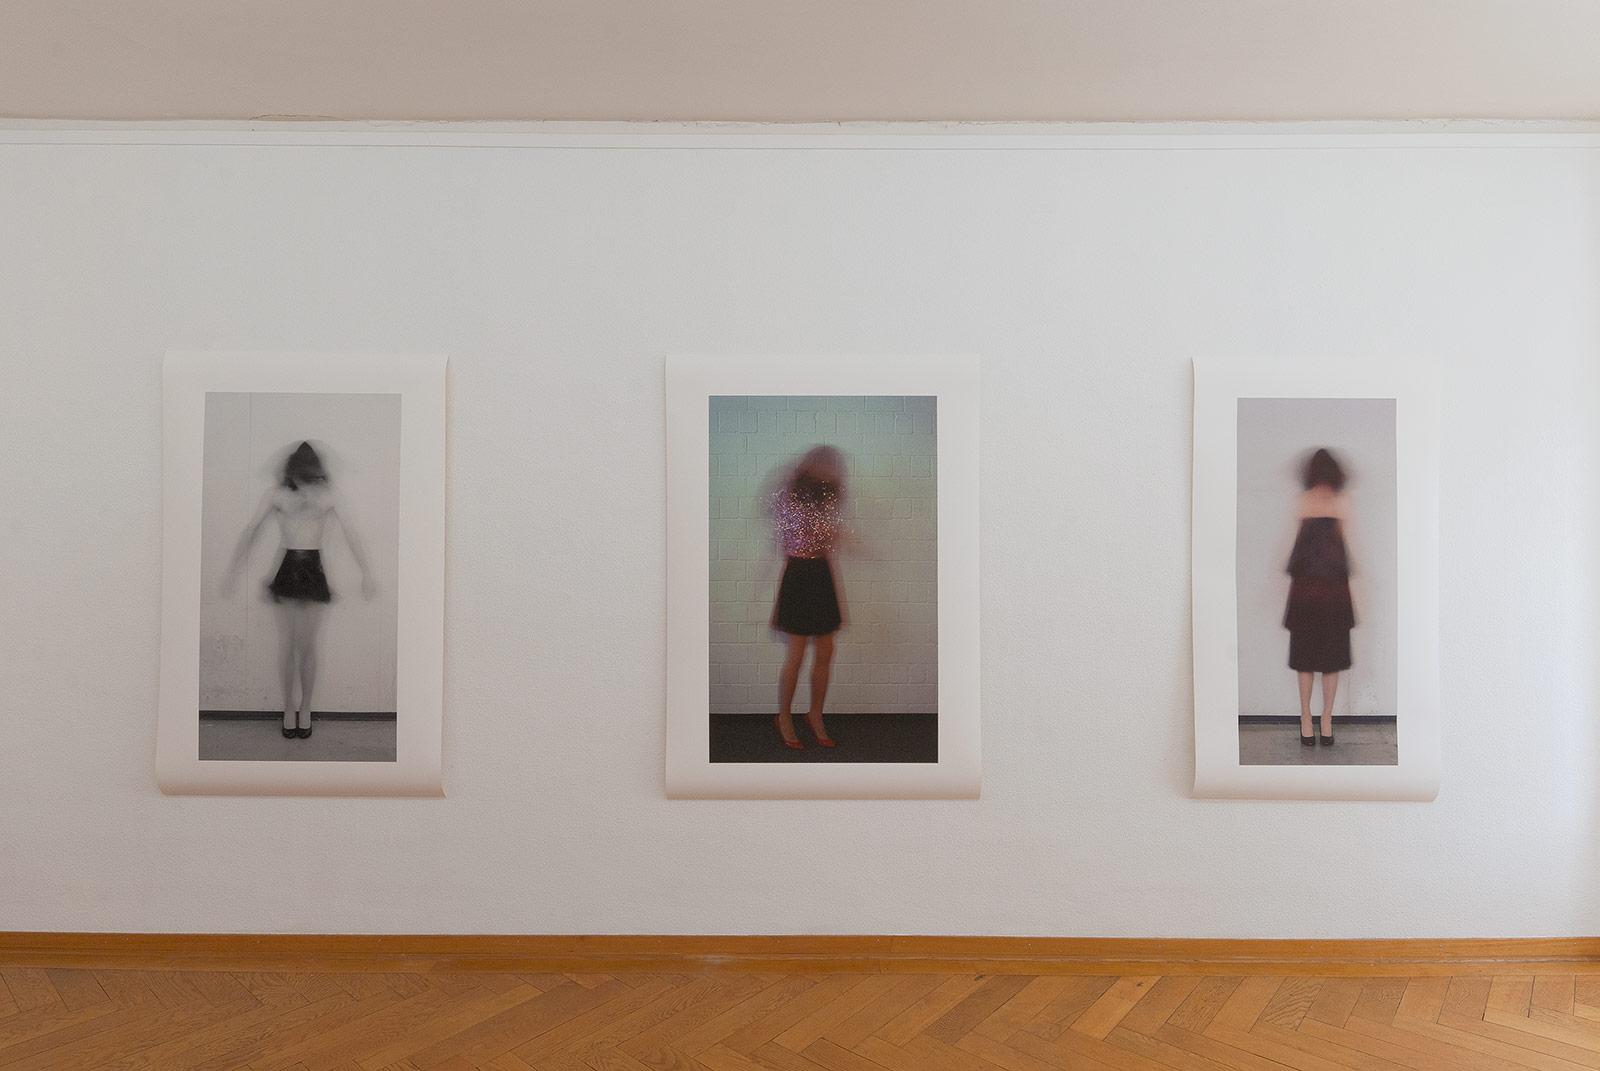 Ausstellungsansicht im Kunstmuseum Olten mit drei grossformatigen Fotografien